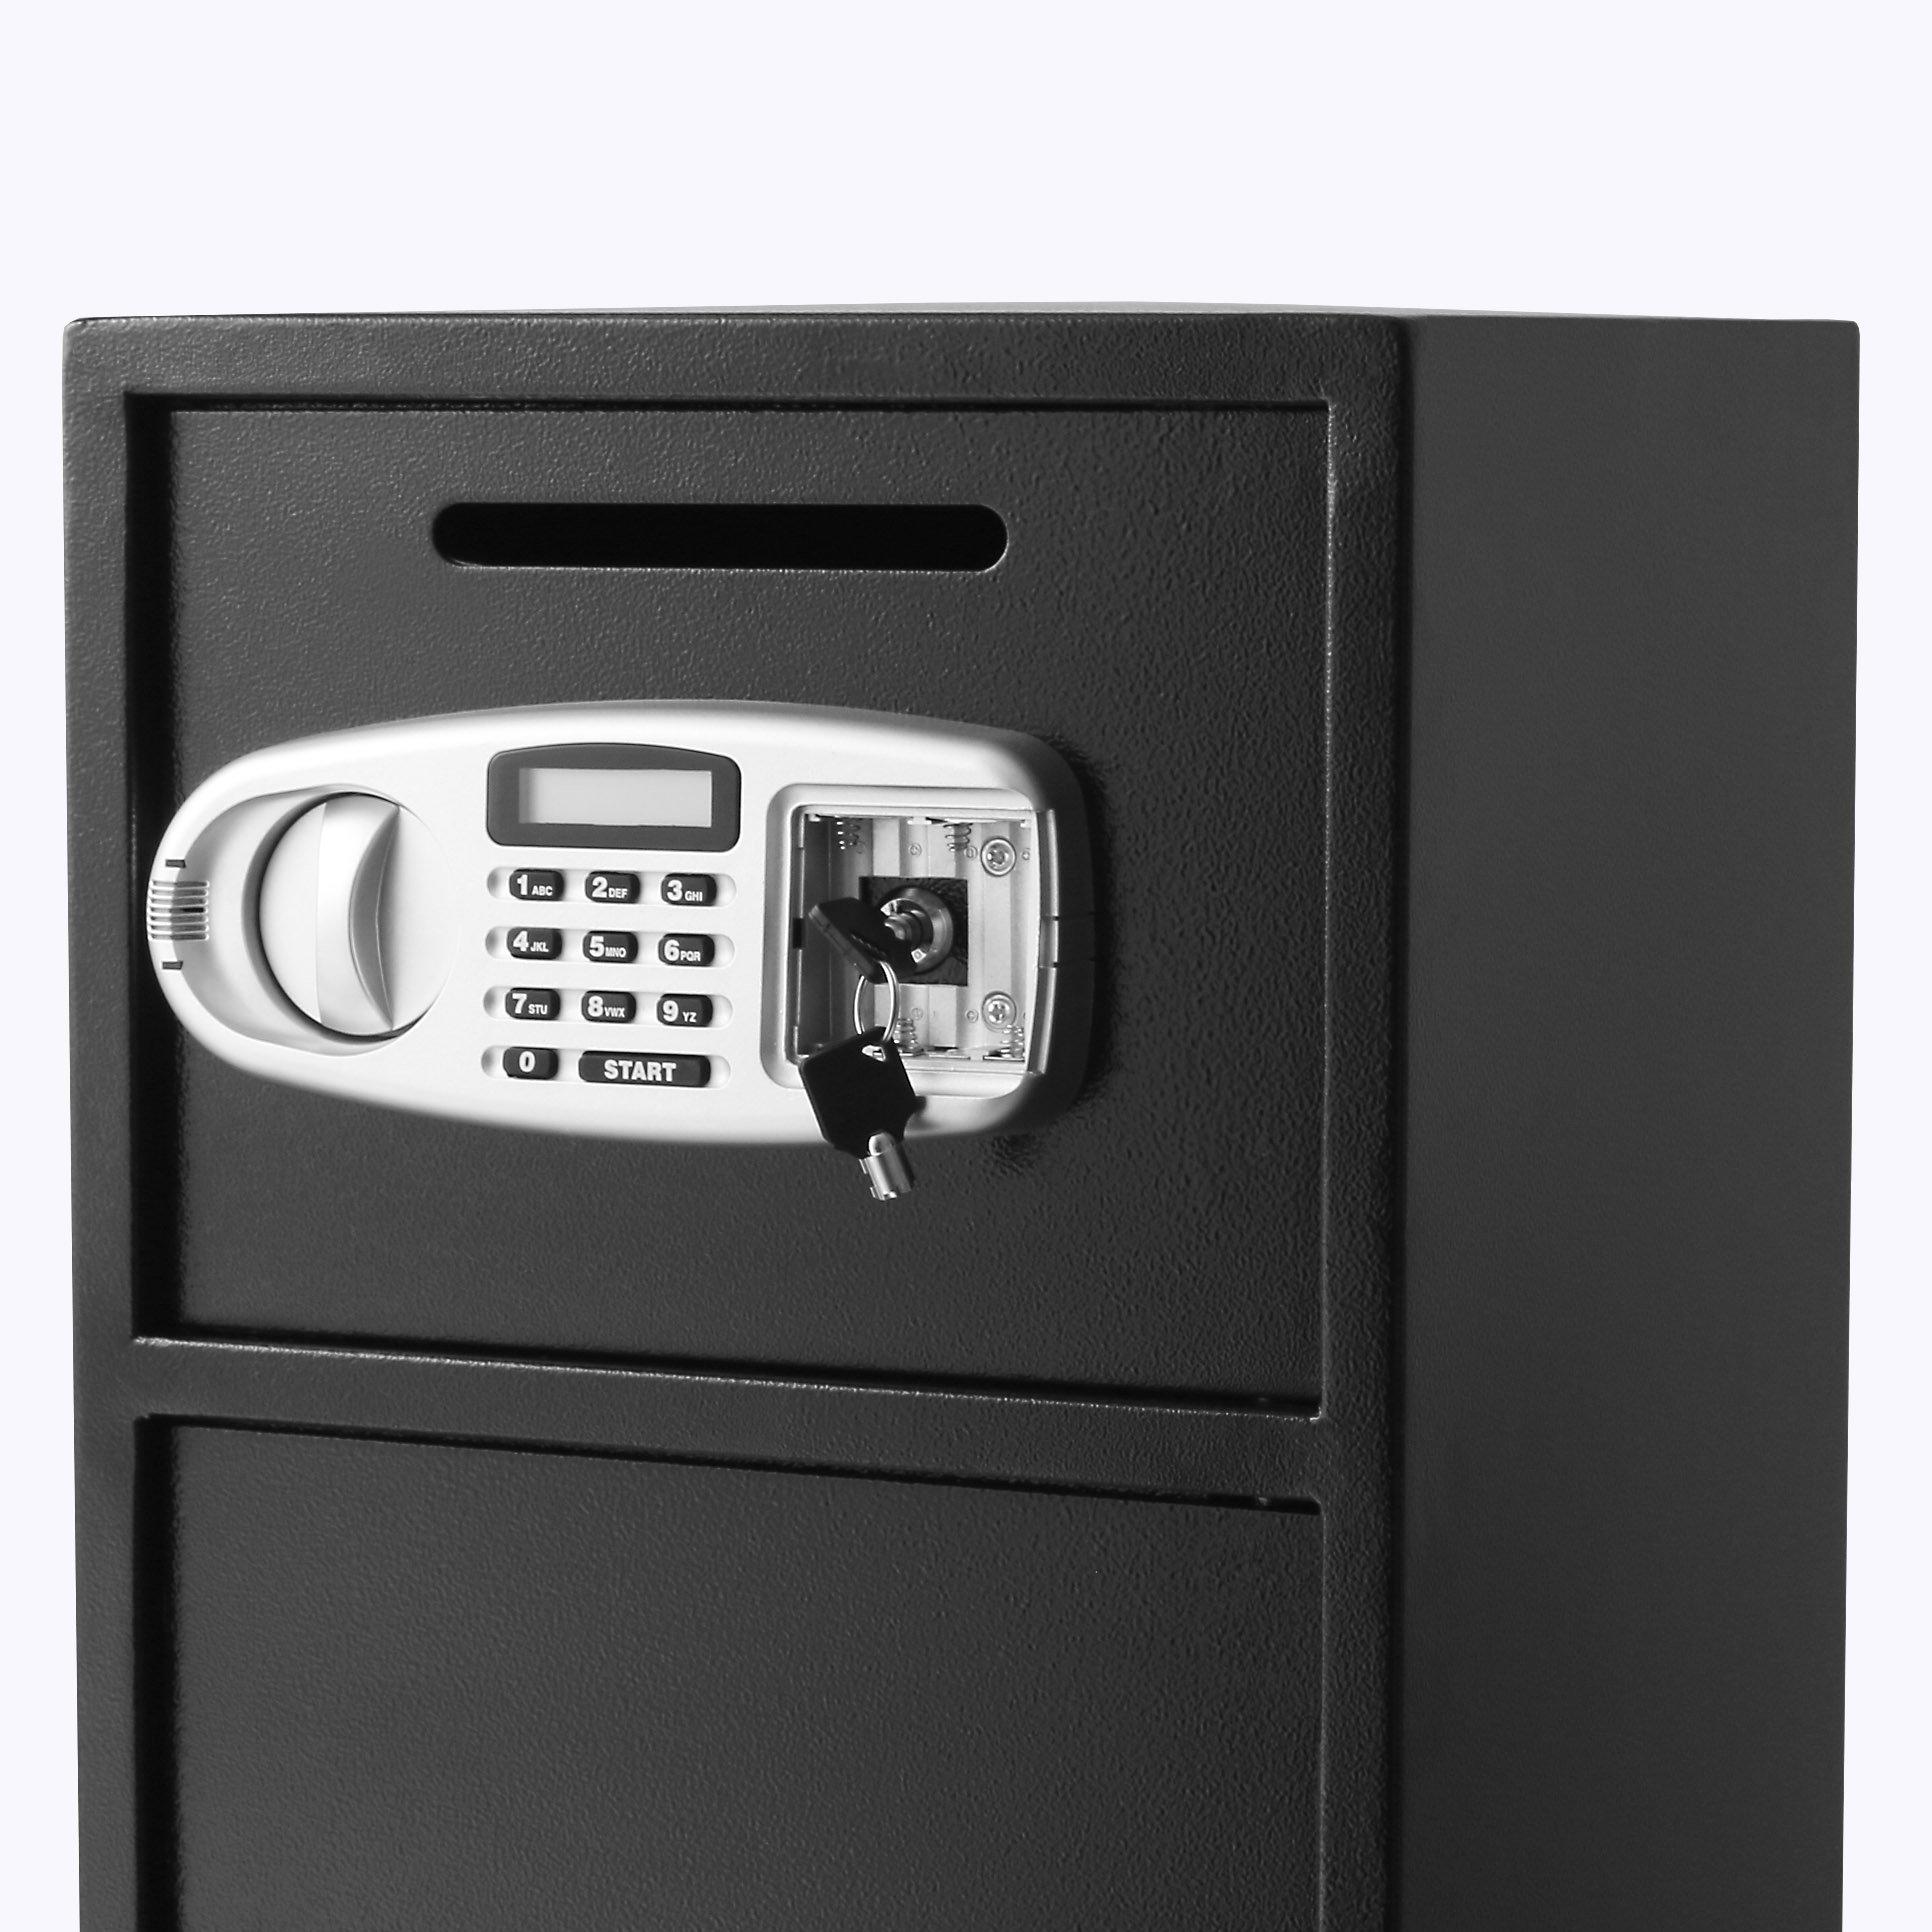 Superland Large Double Door Security Safe Box Depository Safe Steel Safe Box Digital Safe Depository for Money Gun Jewelry (Large Digital Safe Box) by Superland (Image #8)